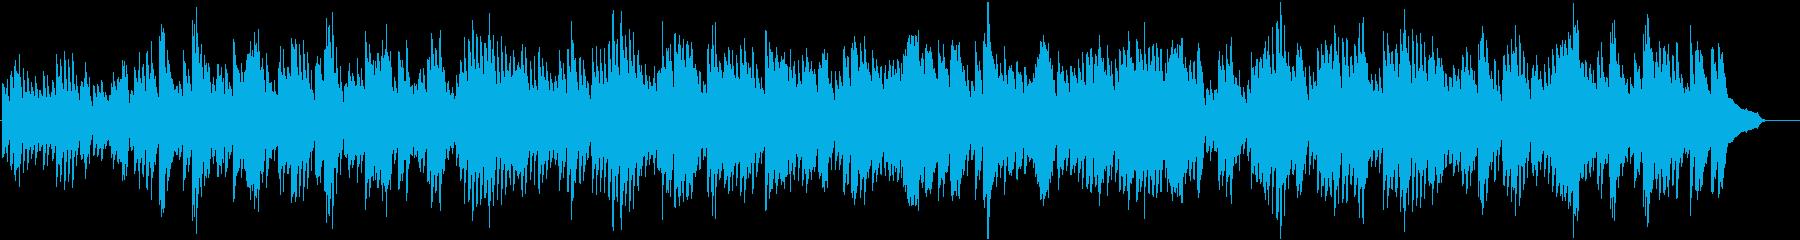 バッハ_インヴェンション第2番_ピアノの再生済みの波形